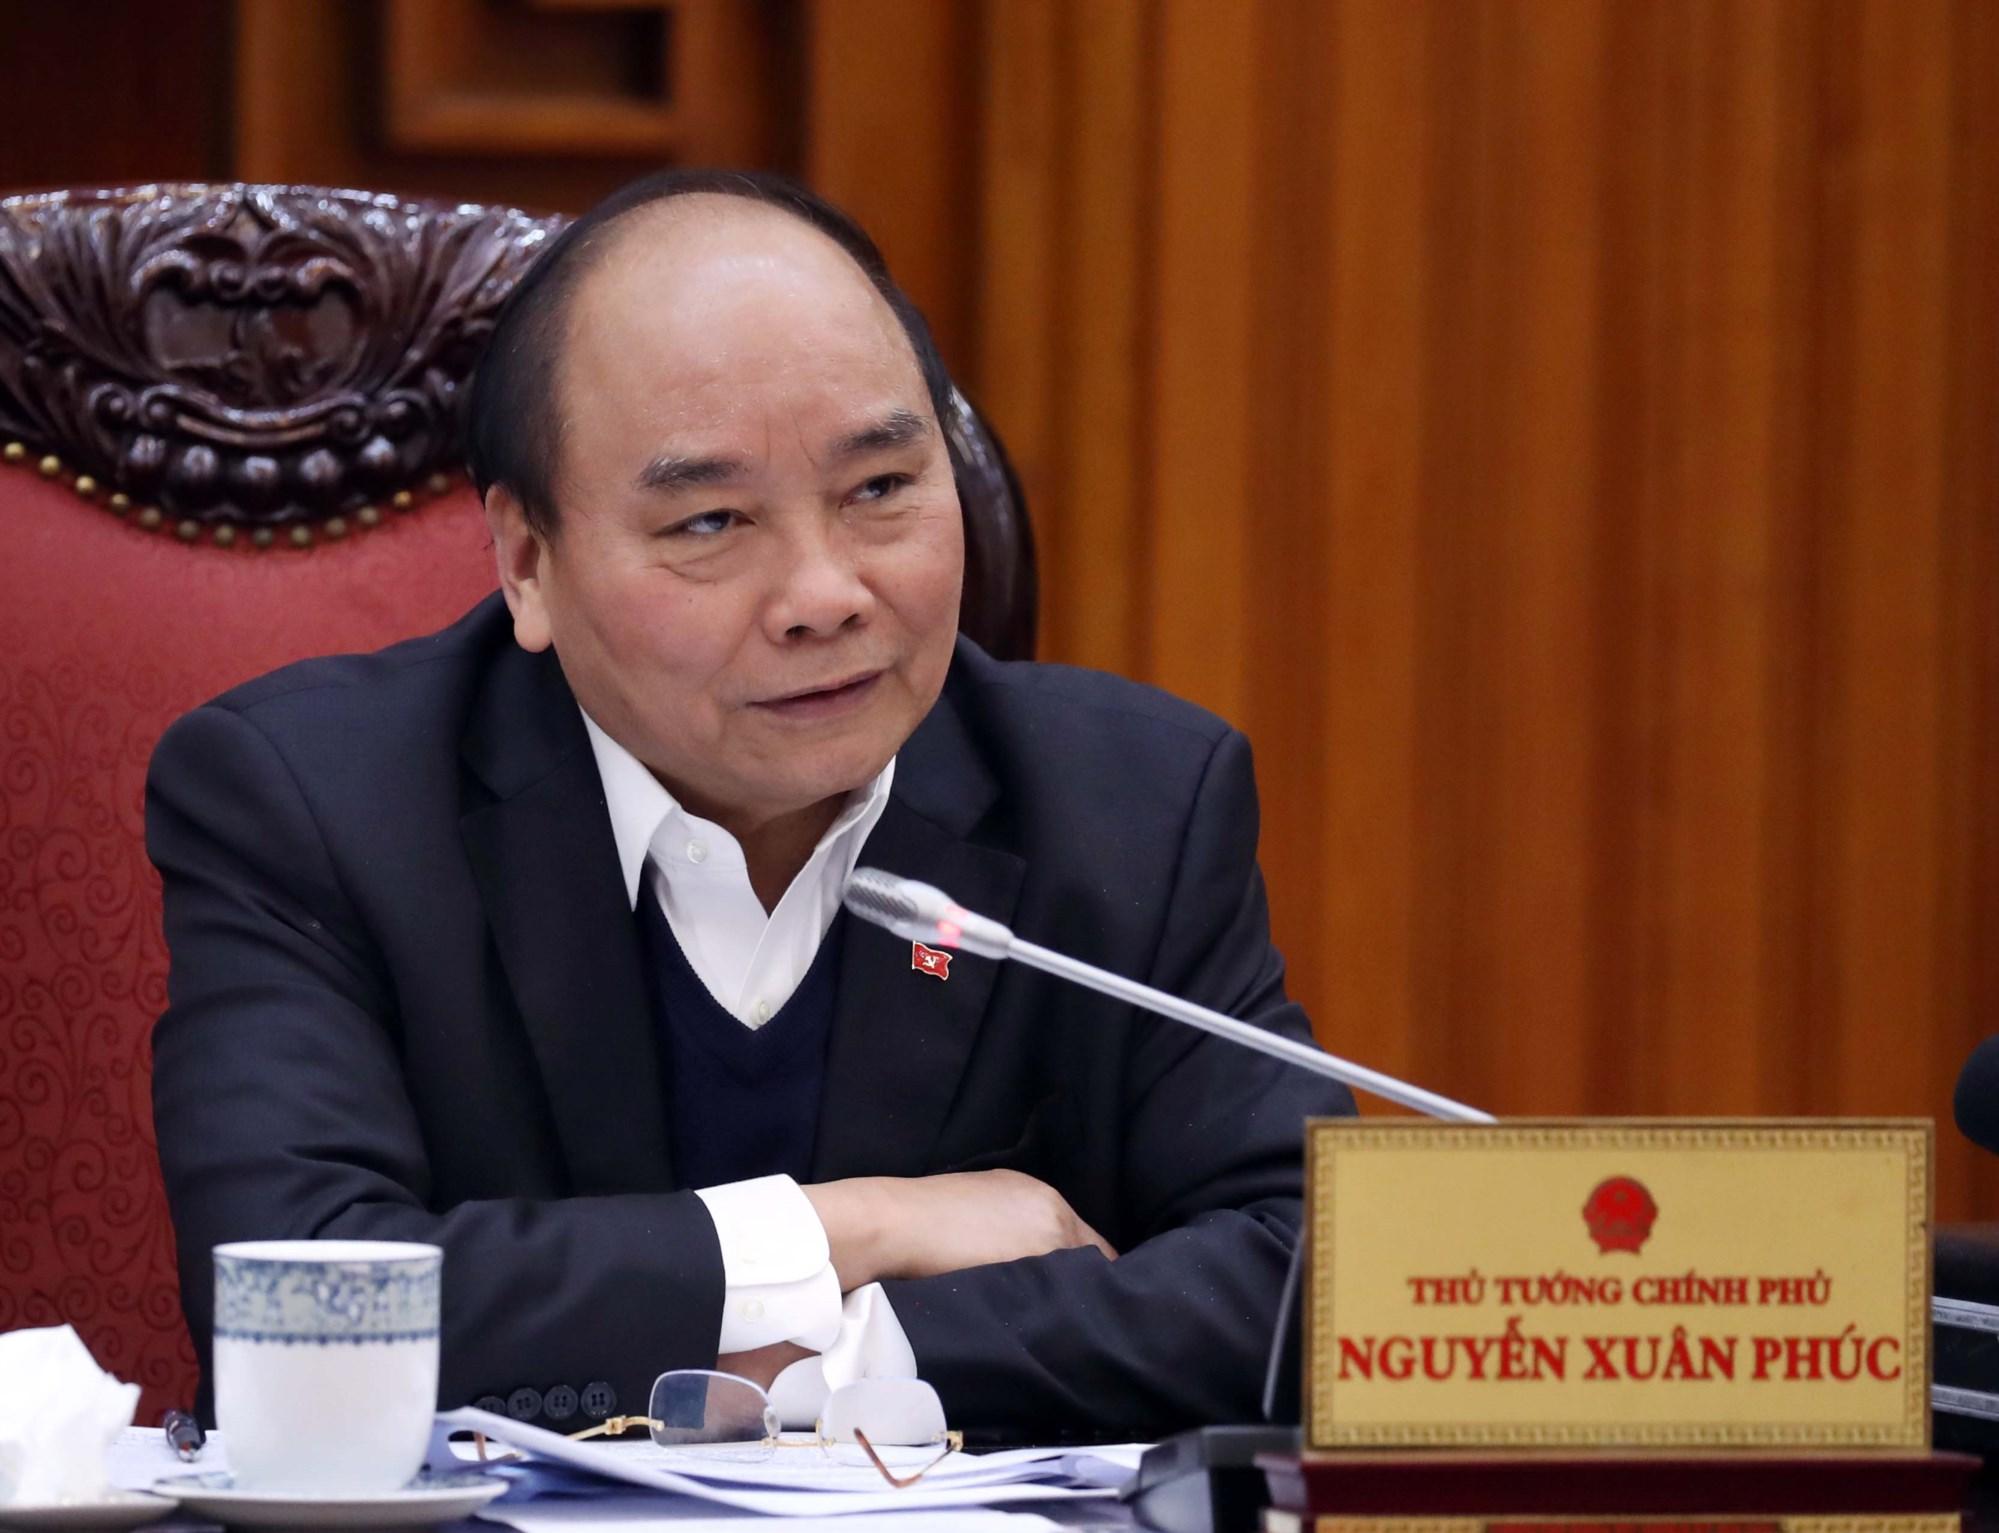 Thủ tướng khẳng định, Nhà nước không bao cấp cho ngành mía đường. Ảnh: VGP/Quang Hiếu